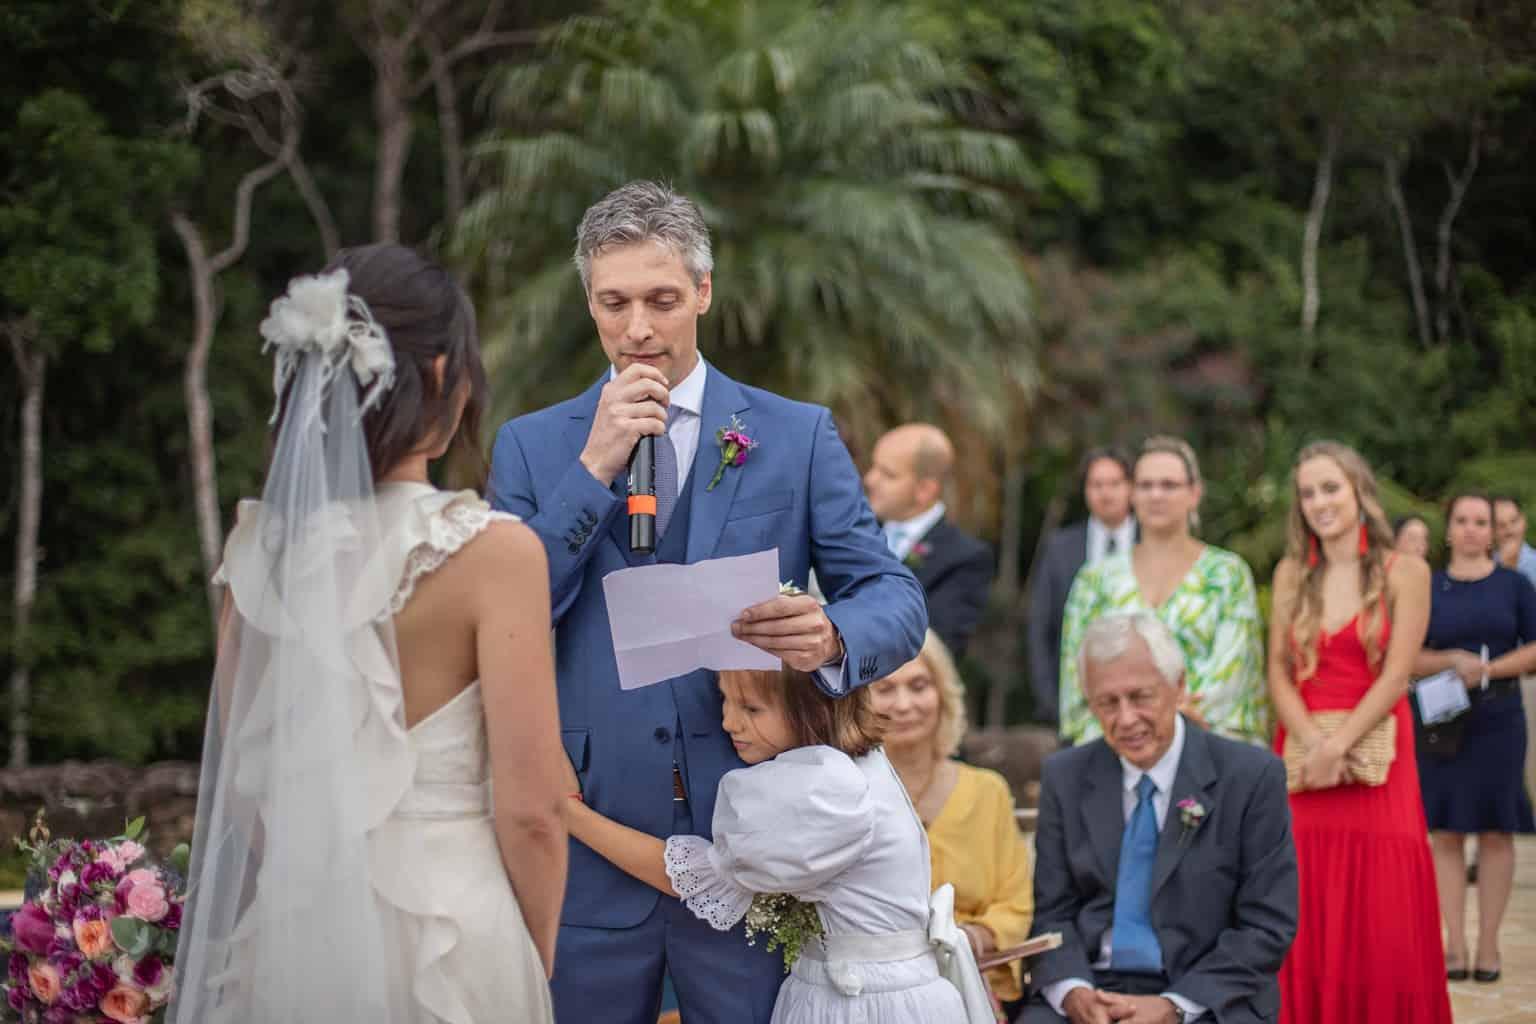 casamento-na-serra-cerimonia-ao-ar-livre-Fotografia-Laura-Campanella-graviola-filmes-Juliana-e-Sebastian-noivos-no-altar-Pousada-La-Belle-Bruna159